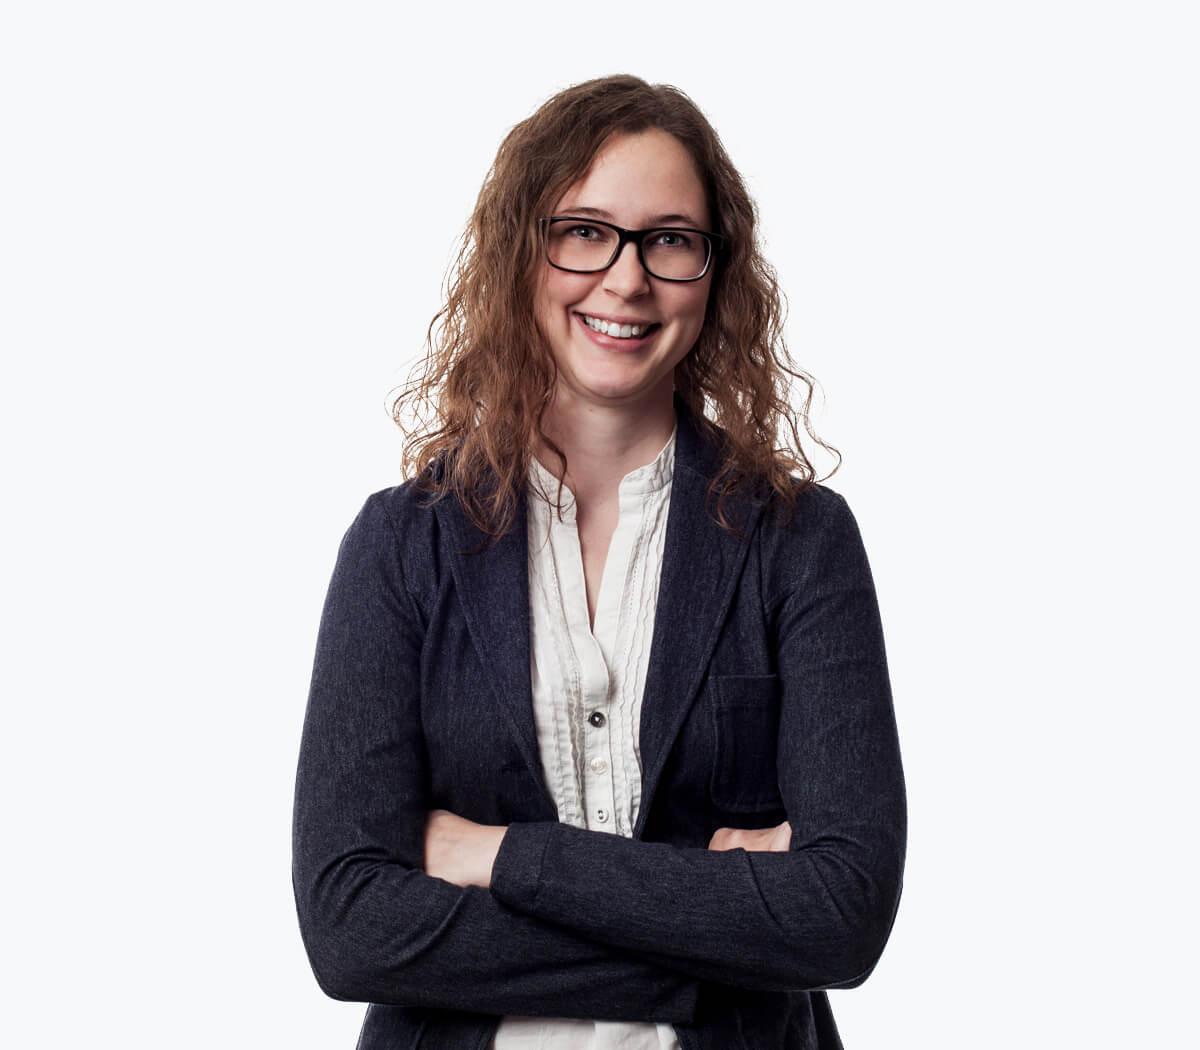 Expertin für Content Marketing und Dozentin: Simone Becker